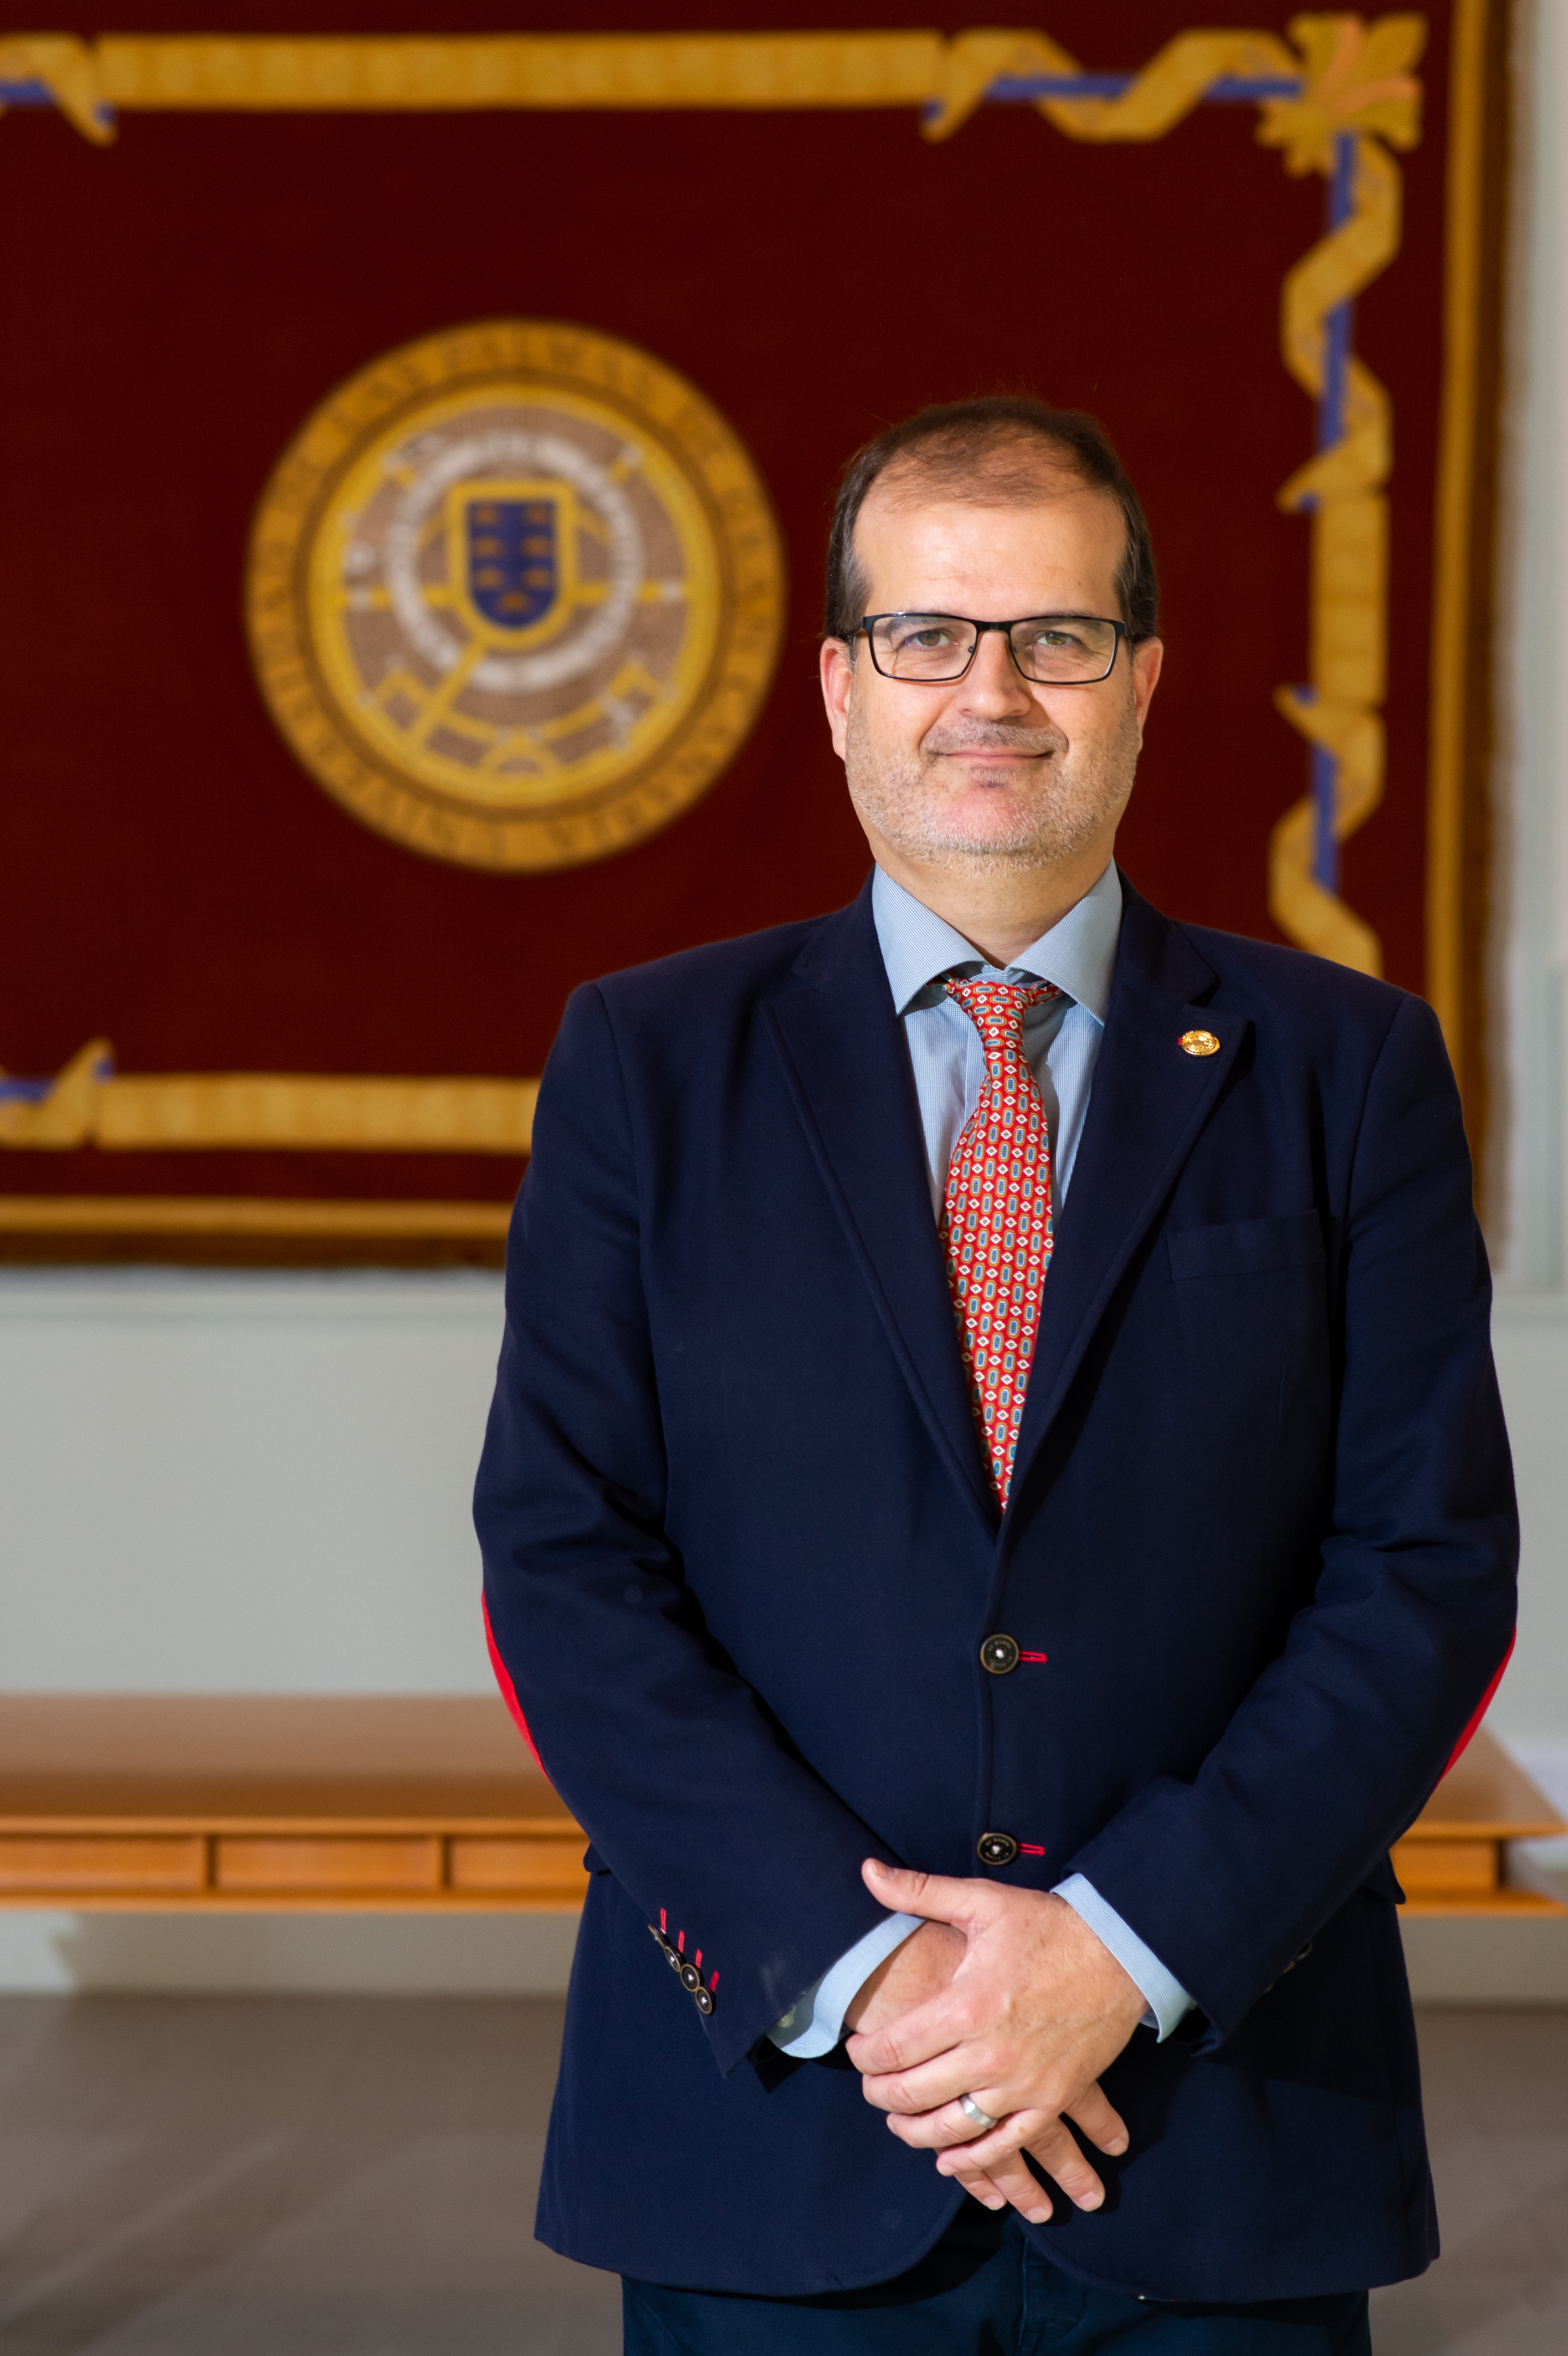 Vicerrector José Pablo Suárez Rivero